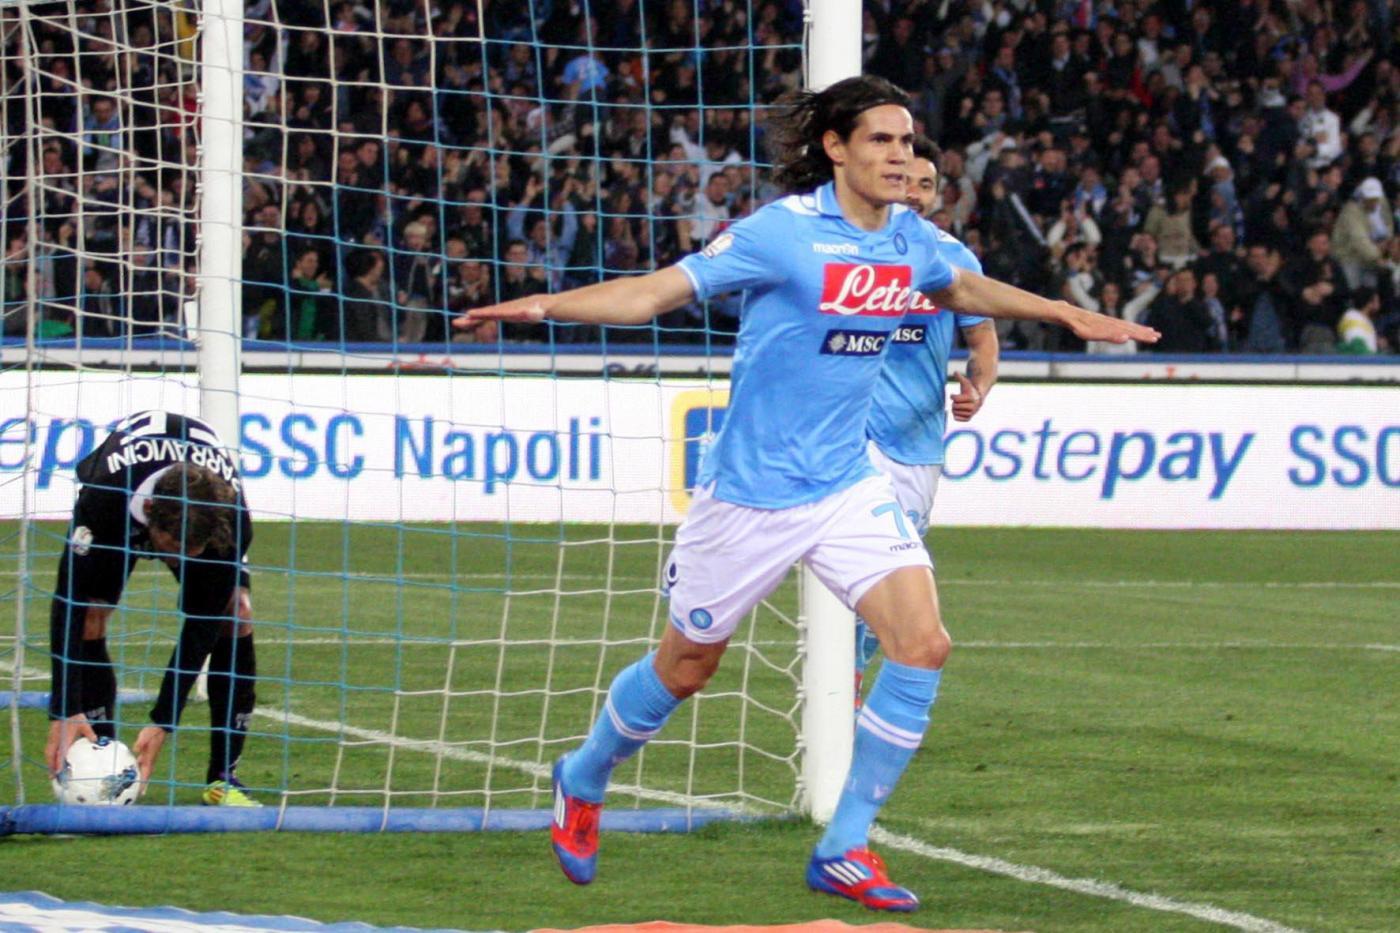 Ascolti tv mercoledì 21 marzo 2012: Napoli-Siena a 5 mln, Chi l'Ha Visto? batte Porta a Porta